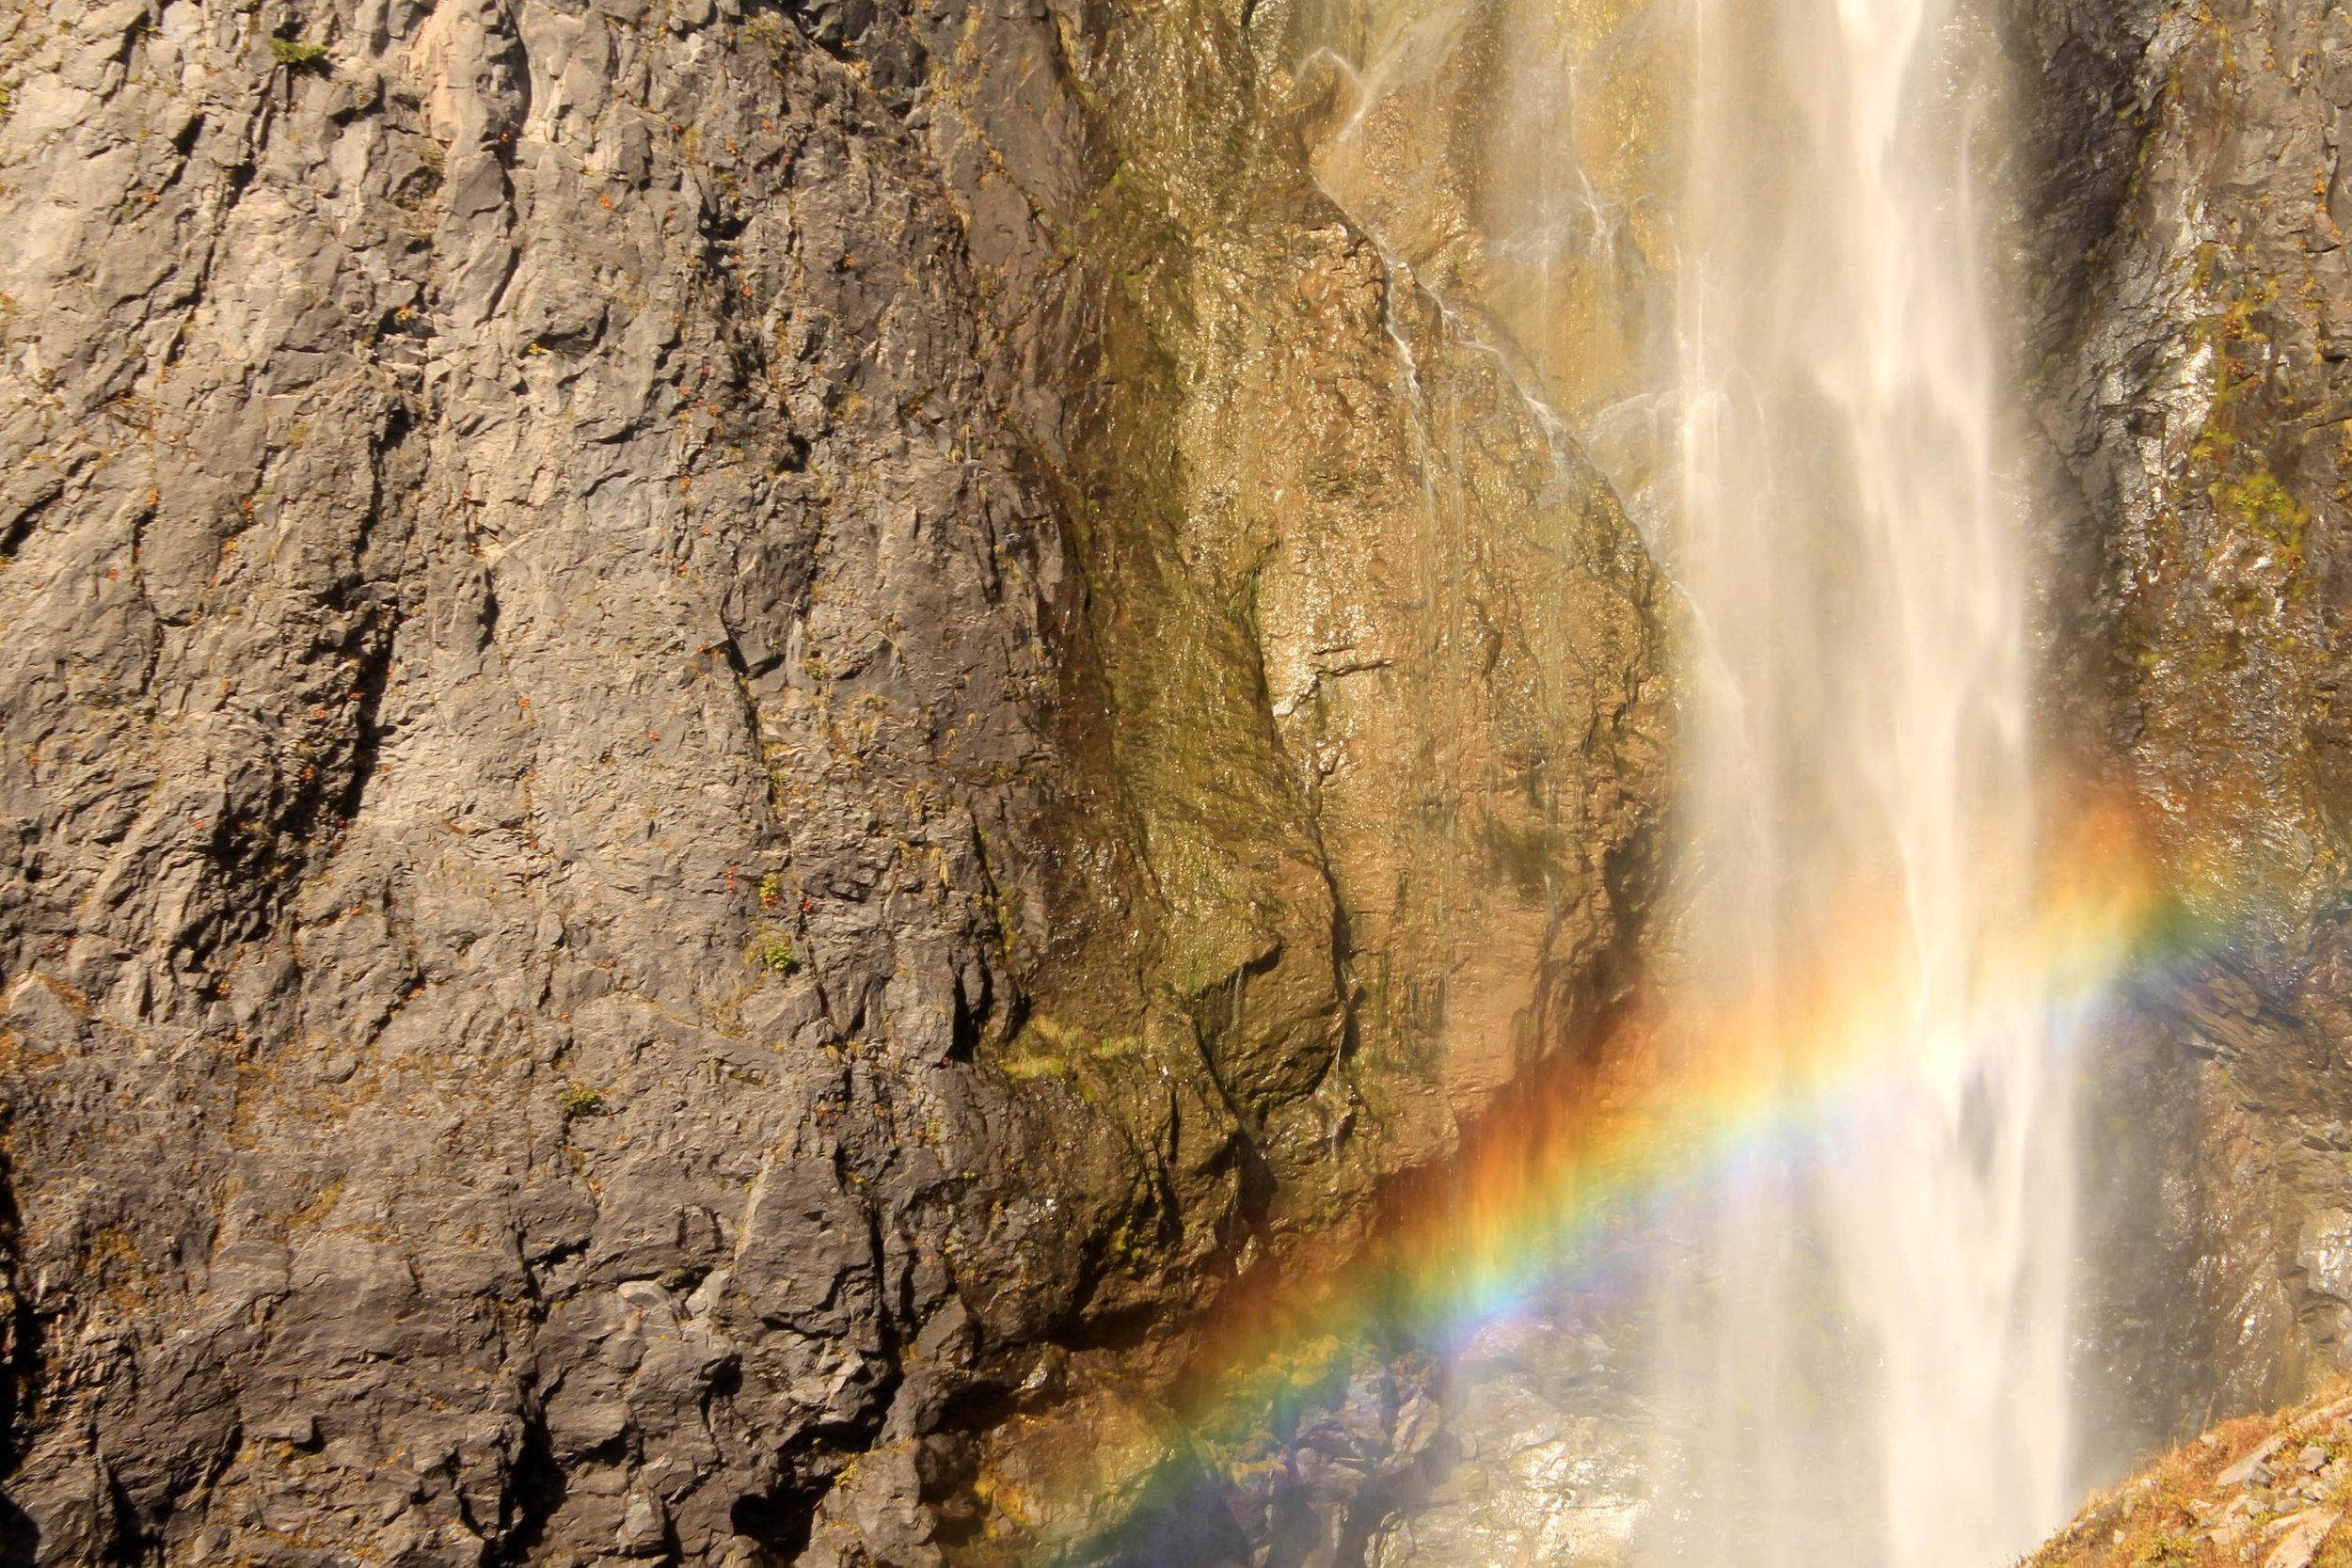 Comet Falls, Mount Rainier National Park